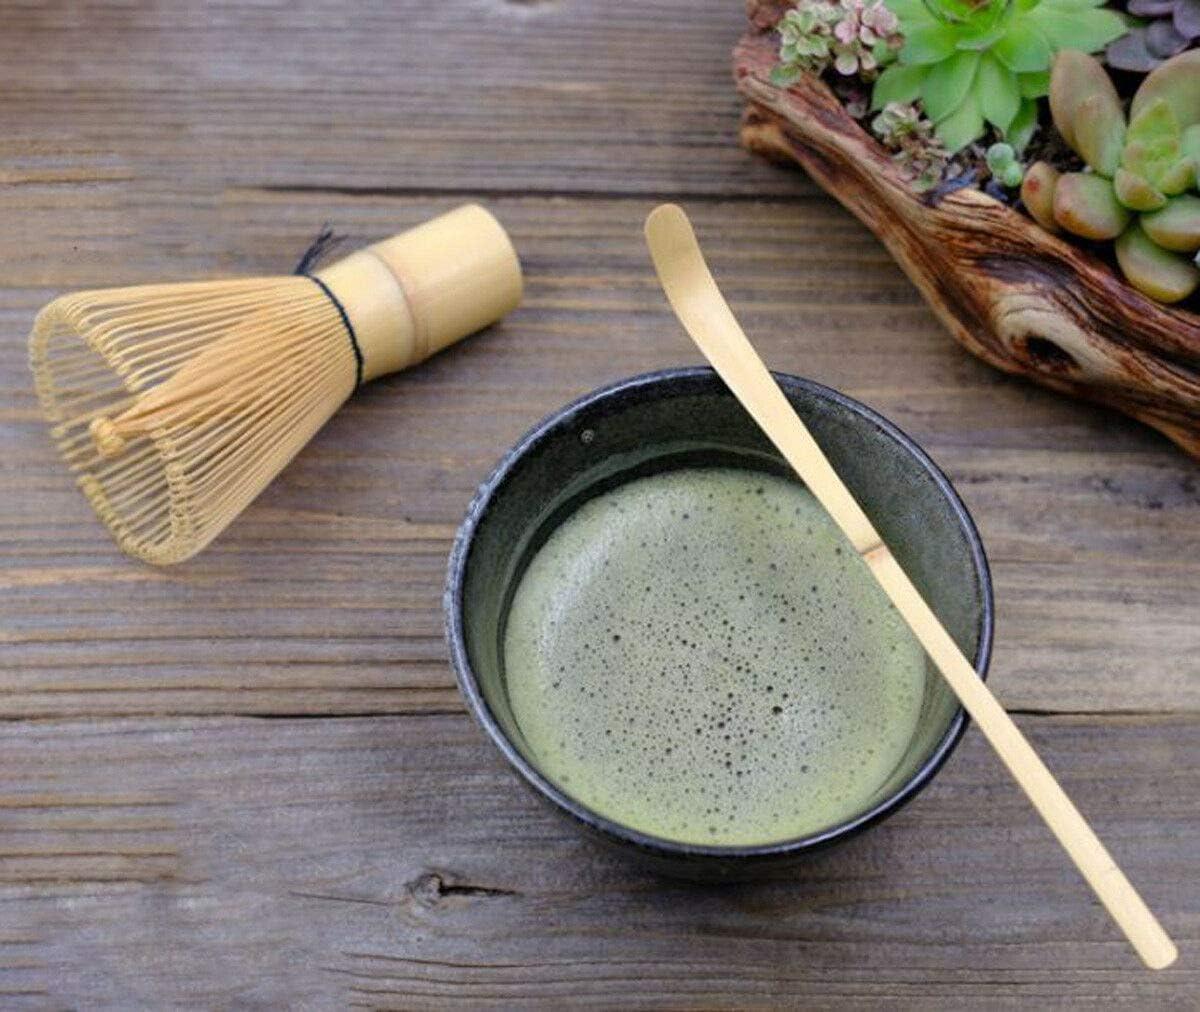 Matcha Whisk Set ???? ?? - Brush + Ceramic Bowl + Scoop/???? Japanese Green Tea Bamboo Preparing Tool 3 Piece Set